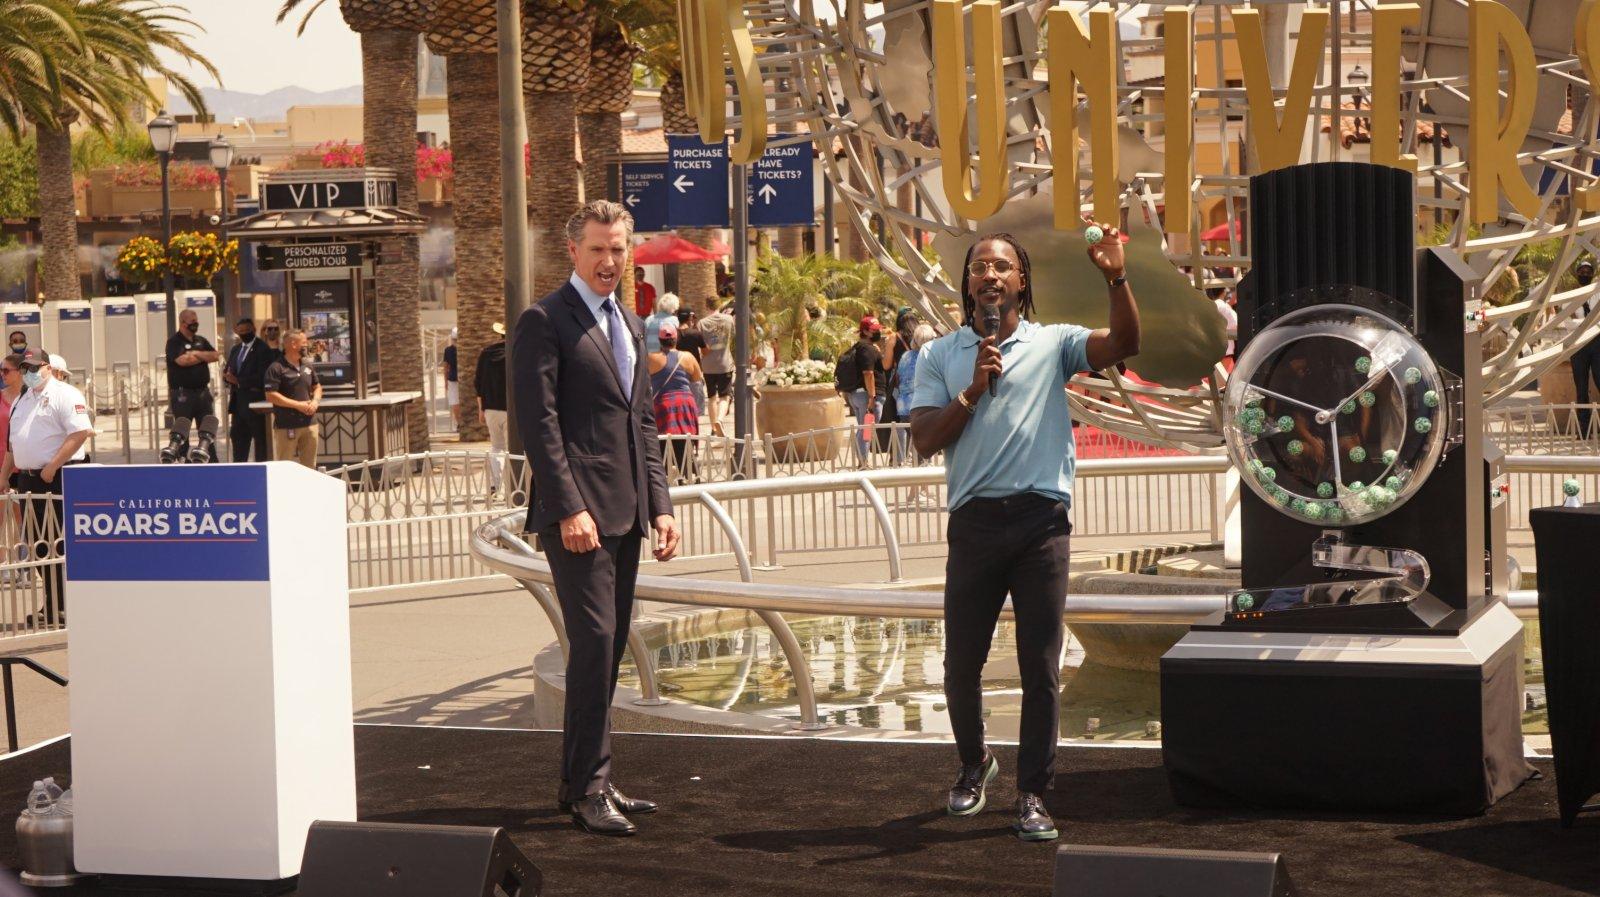 6月15日,美國加利福尼亞州州長紐瑟姆(左)在洛杉磯好萊塢環球影城宣布經濟全面重啟,並參加打新冠疫苗抽獎活動。(新華社)